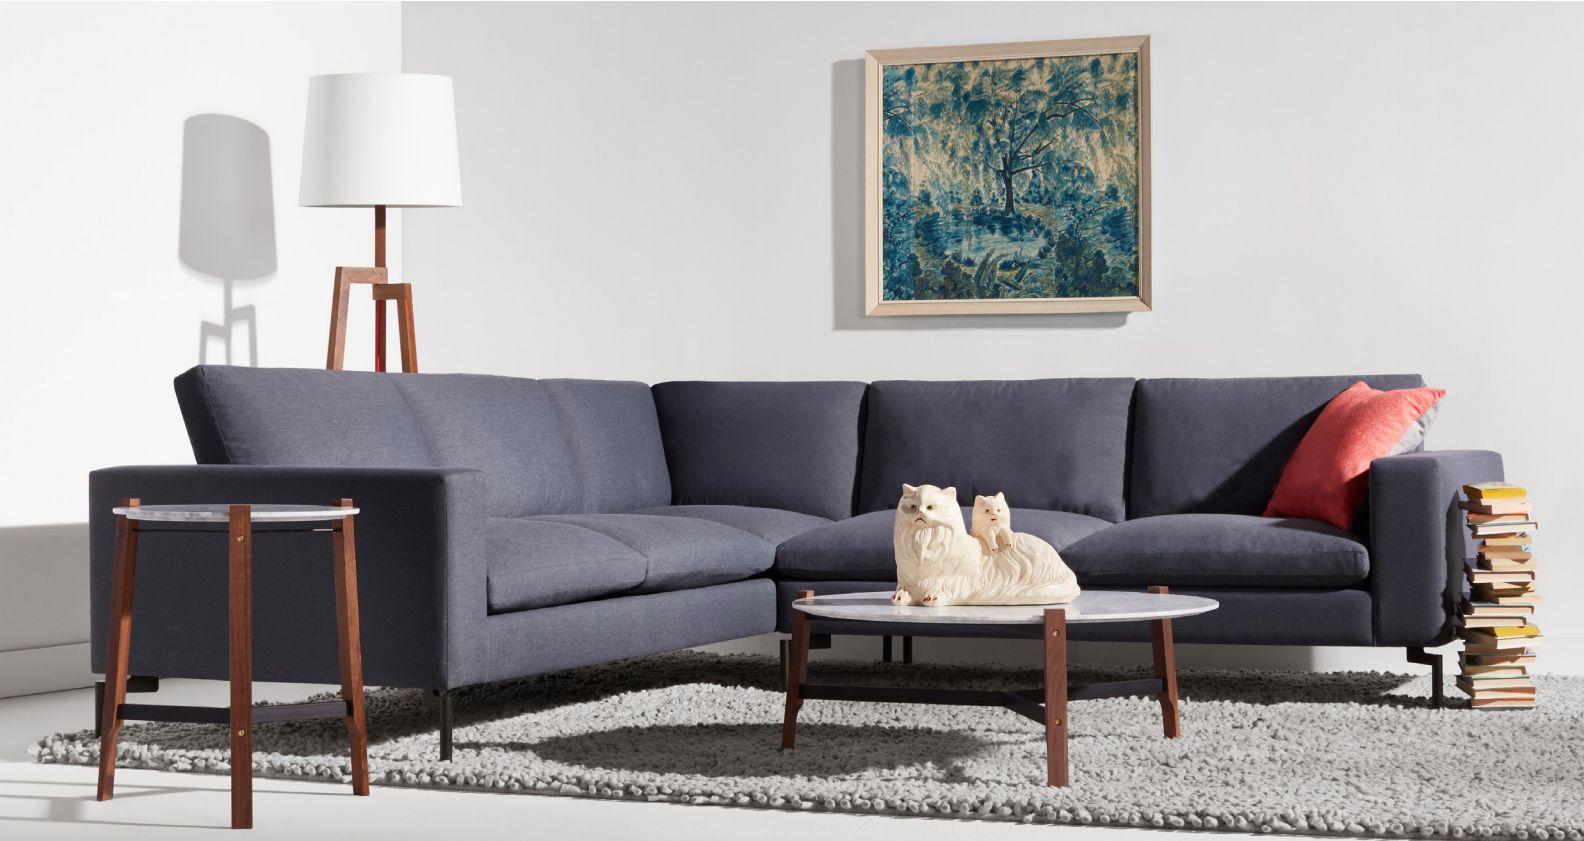 Designer Living Room Furniture Gorgeous Blu Dot Living Roomfind Blu Dot And More Living Room Ideas Design Inspiration